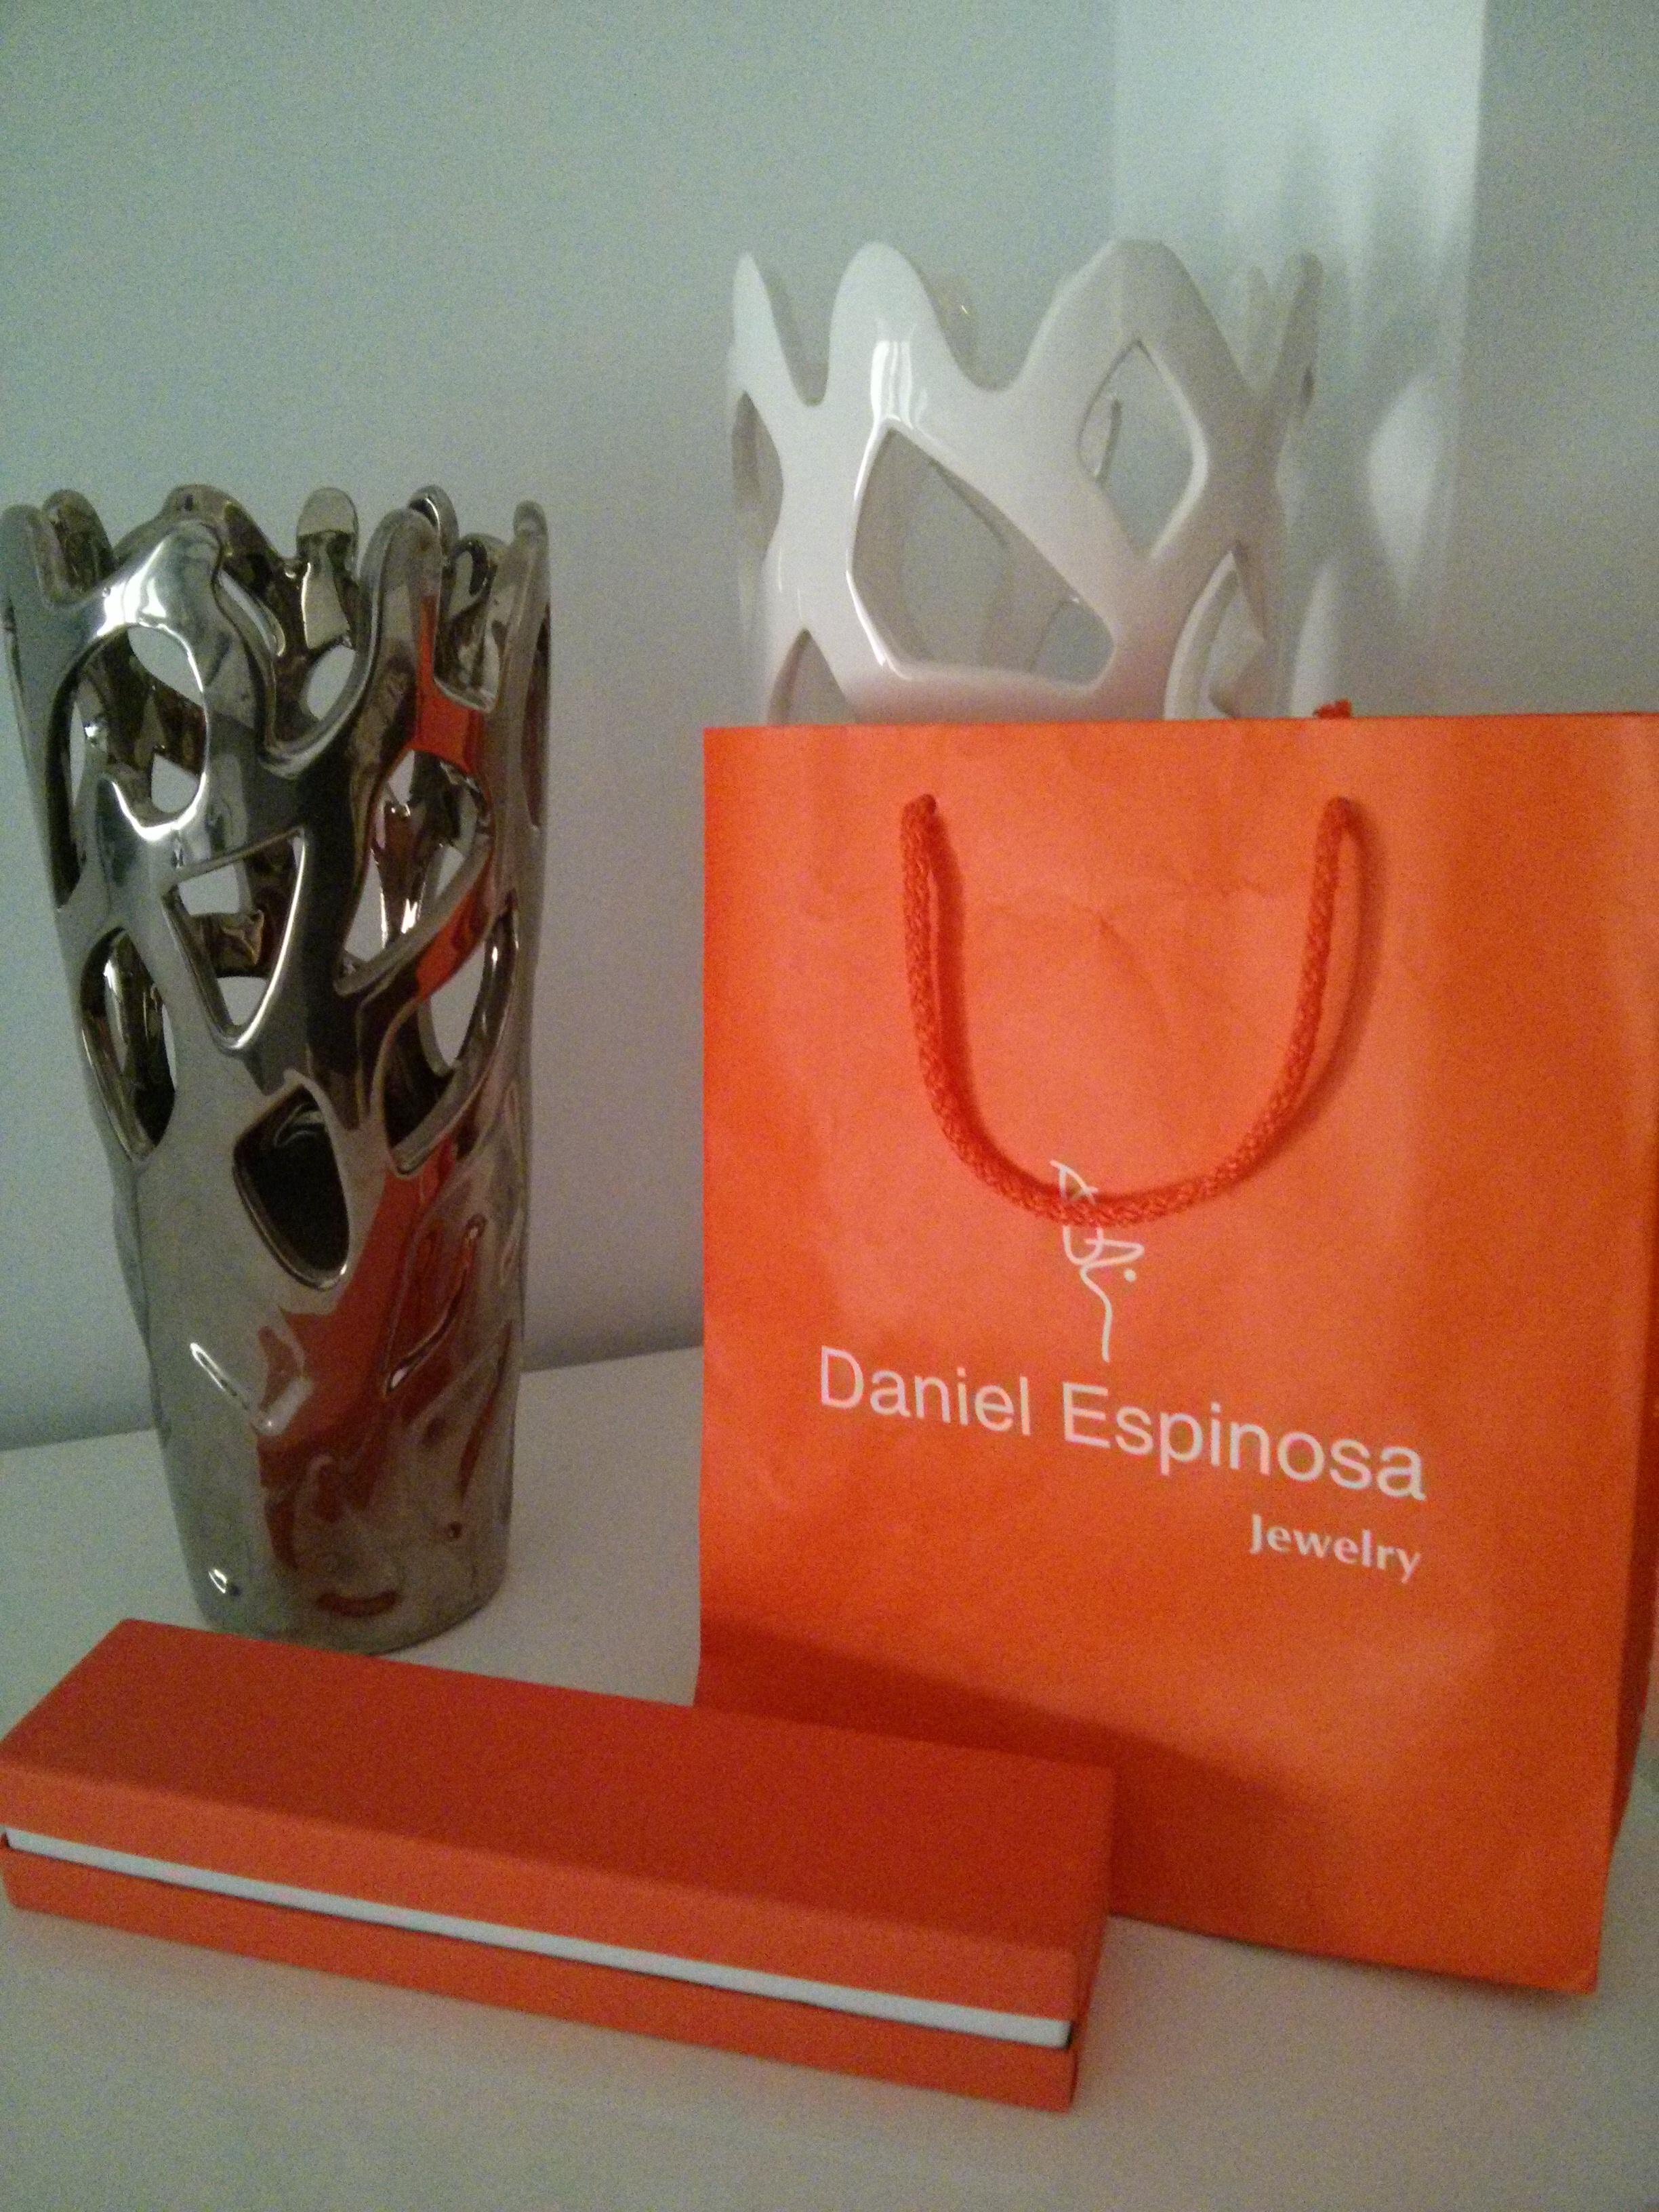 Detalle del packging de Daniel Espinosa